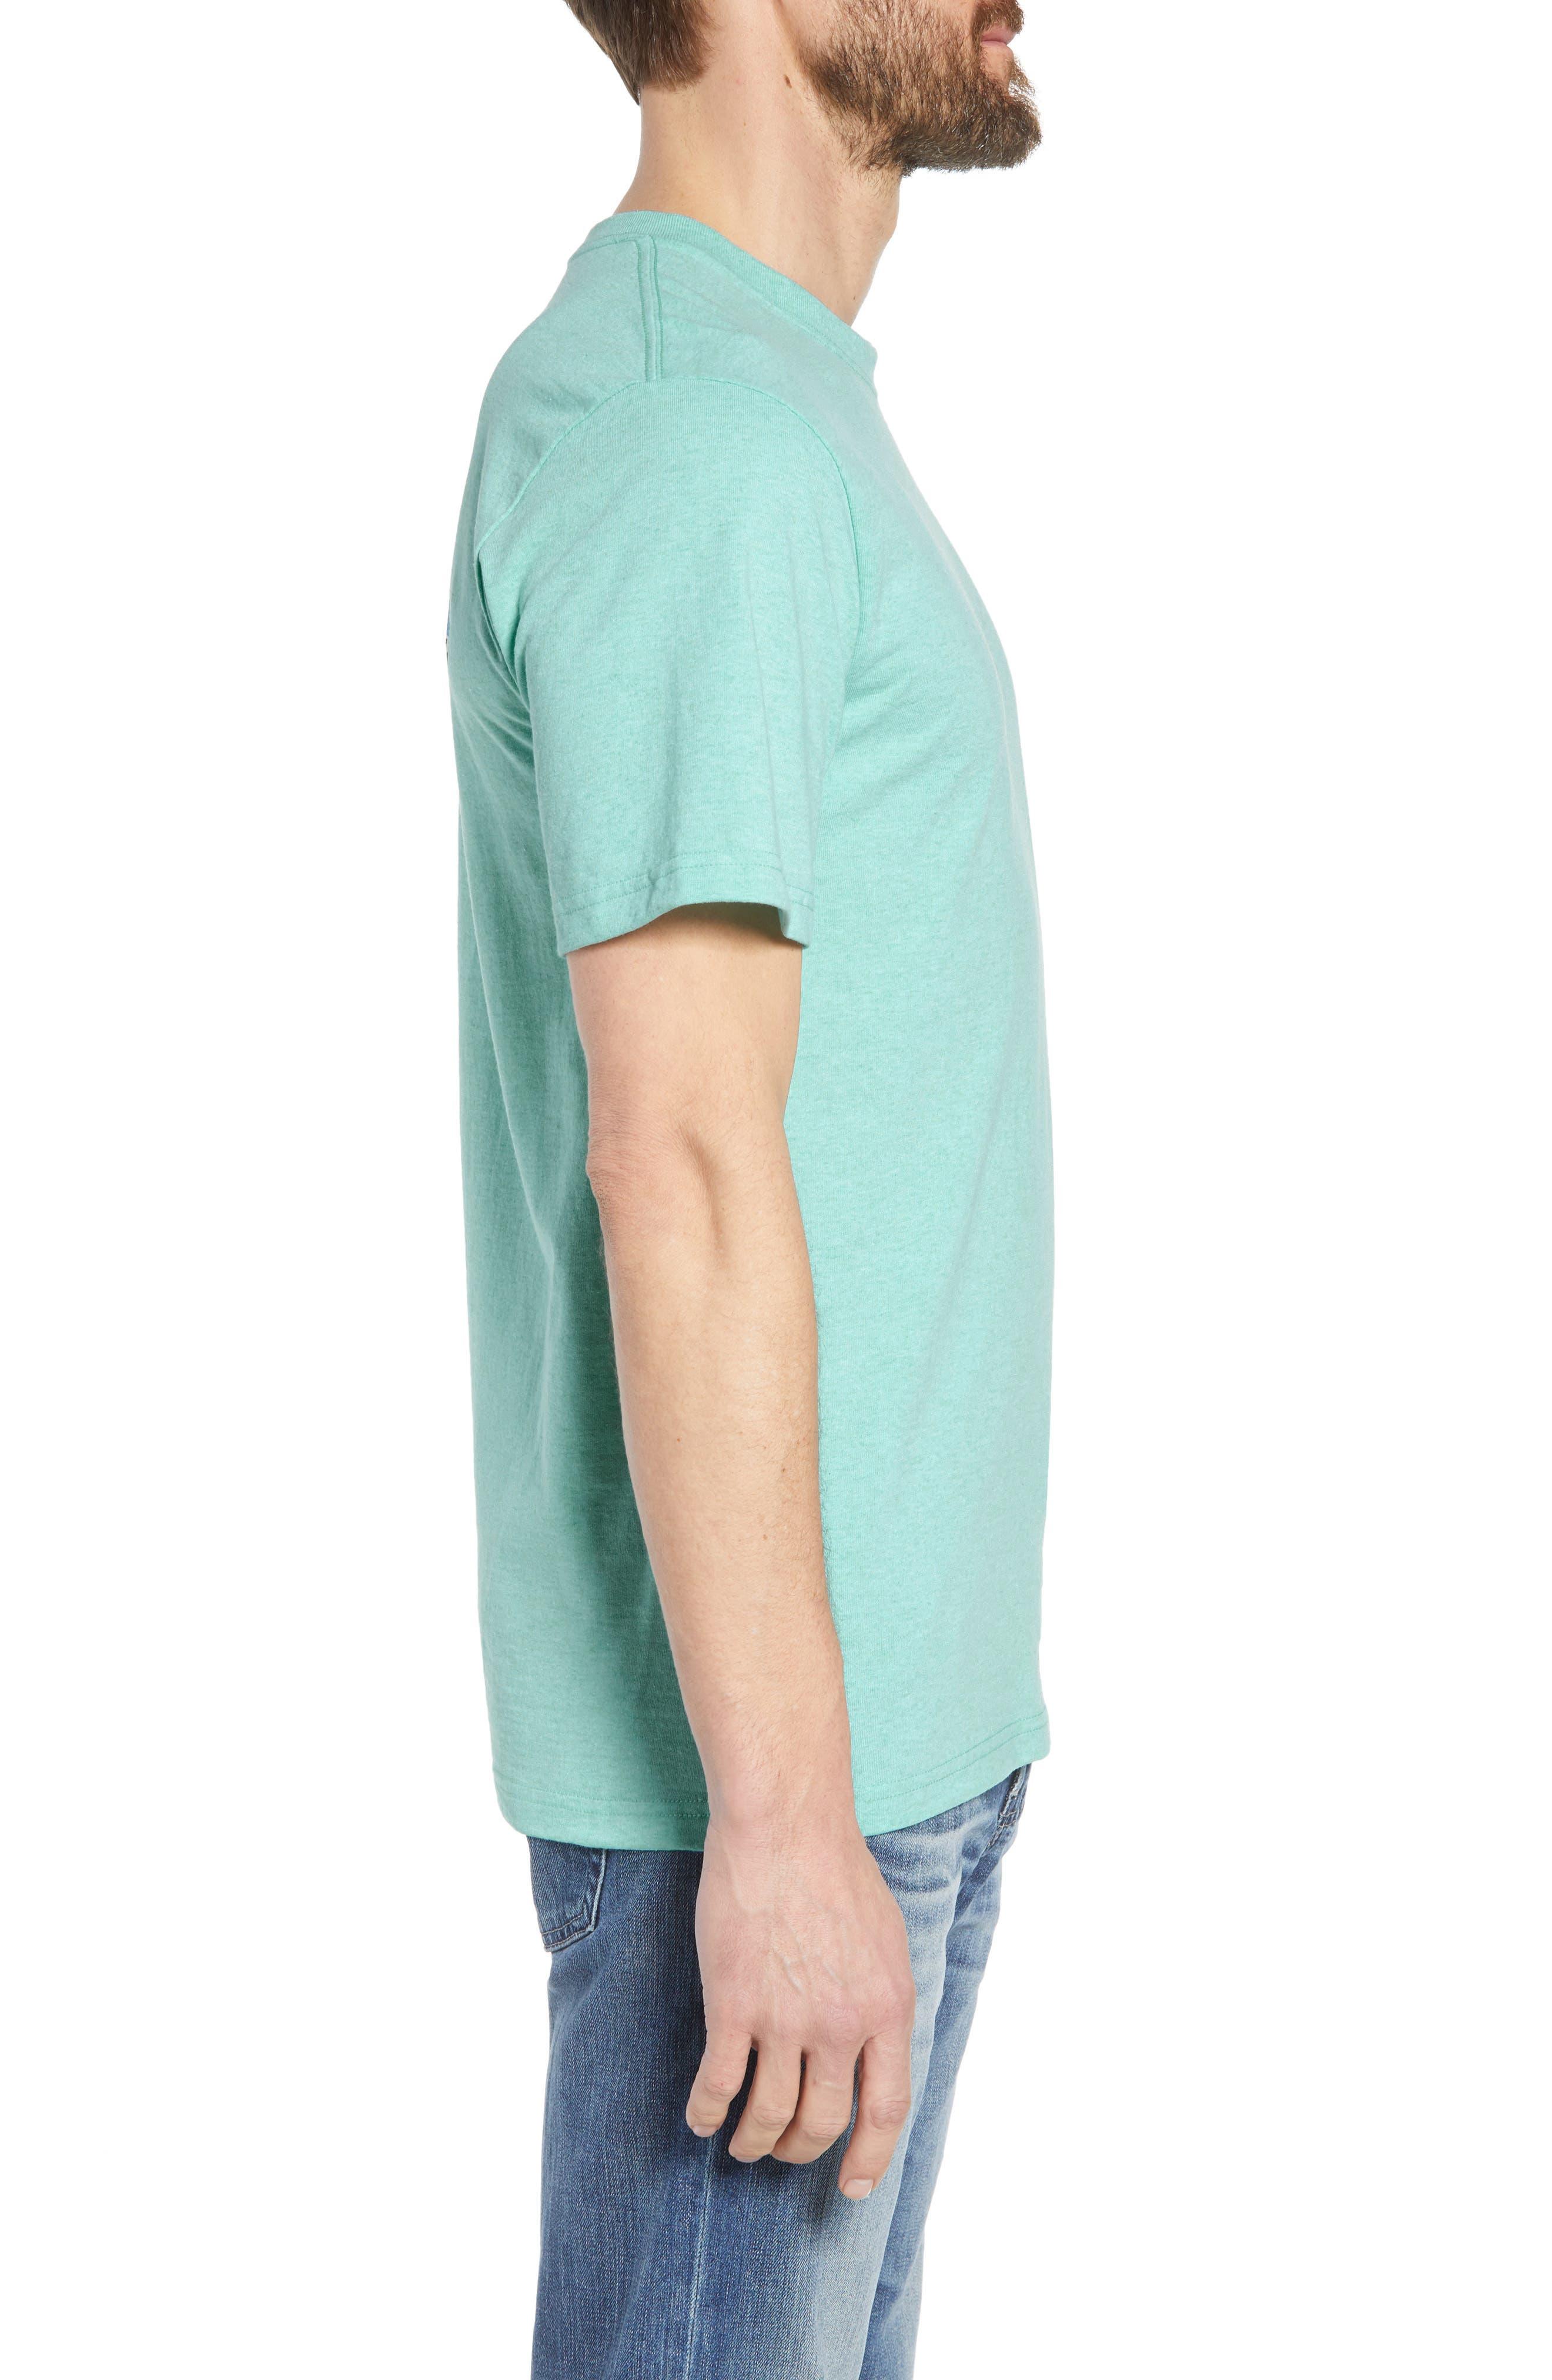 Fitz Roy Trout Crewneck T-Shirt,                             Alternate thumbnail 10, color,                             Bend Blue